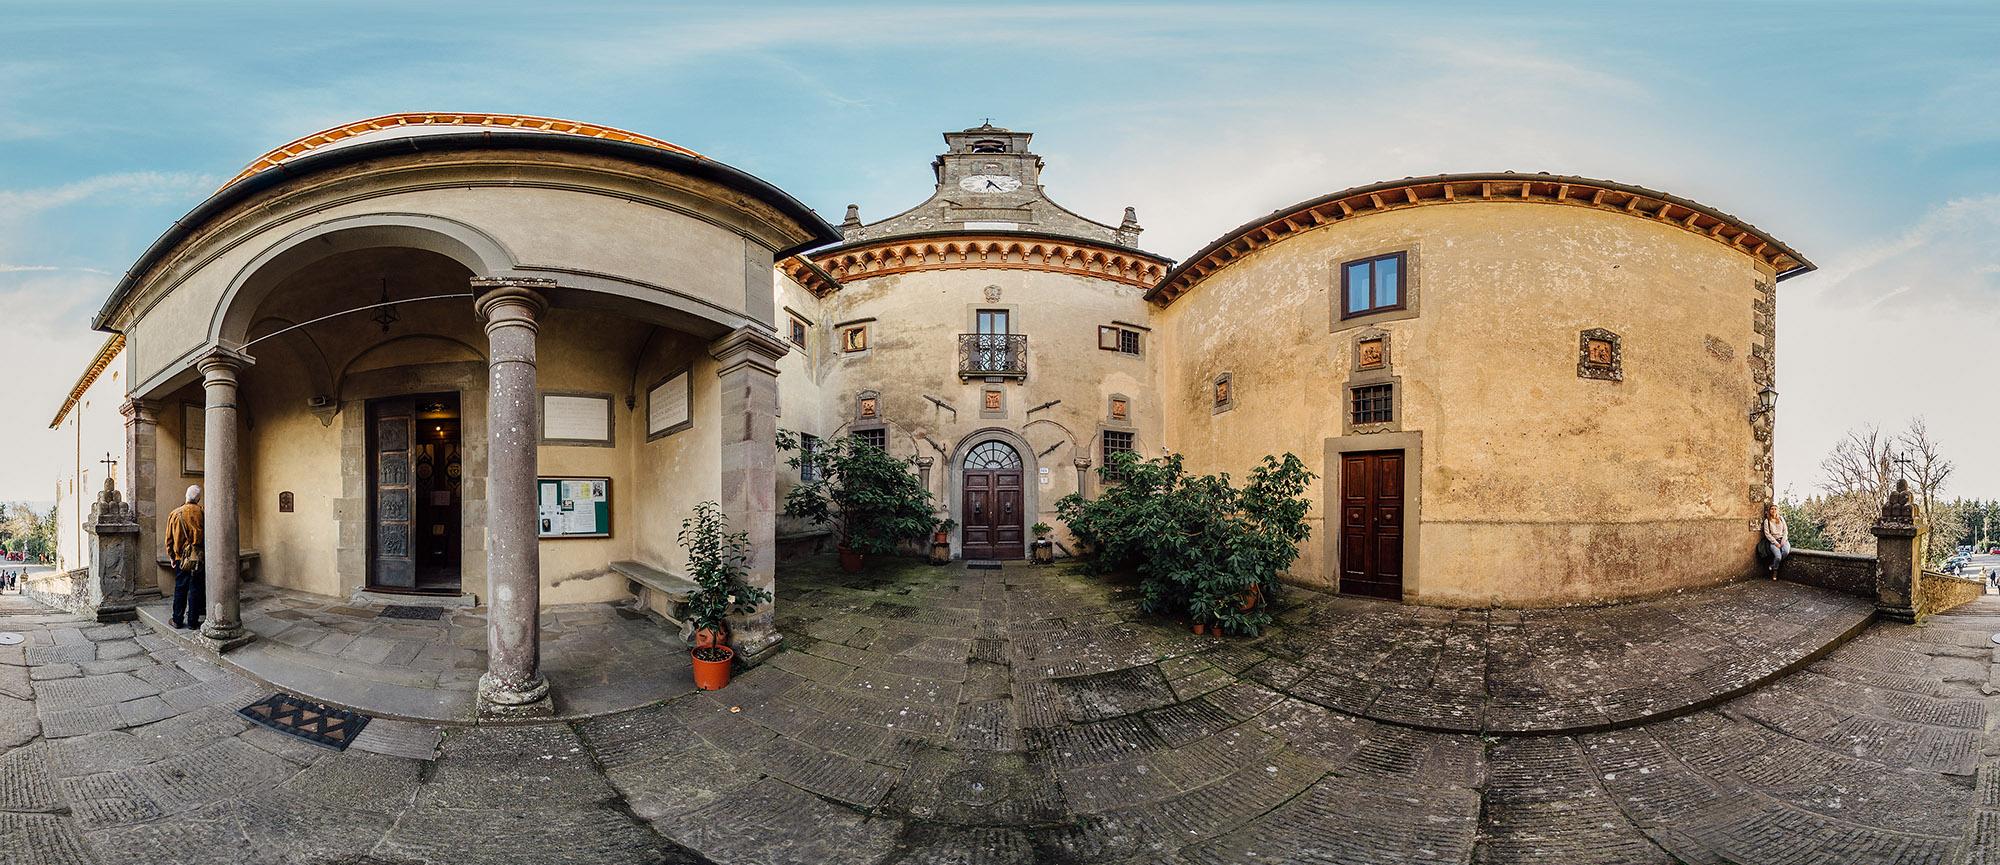 monastero-monte-senario-firenze-fotografia-360-gradi